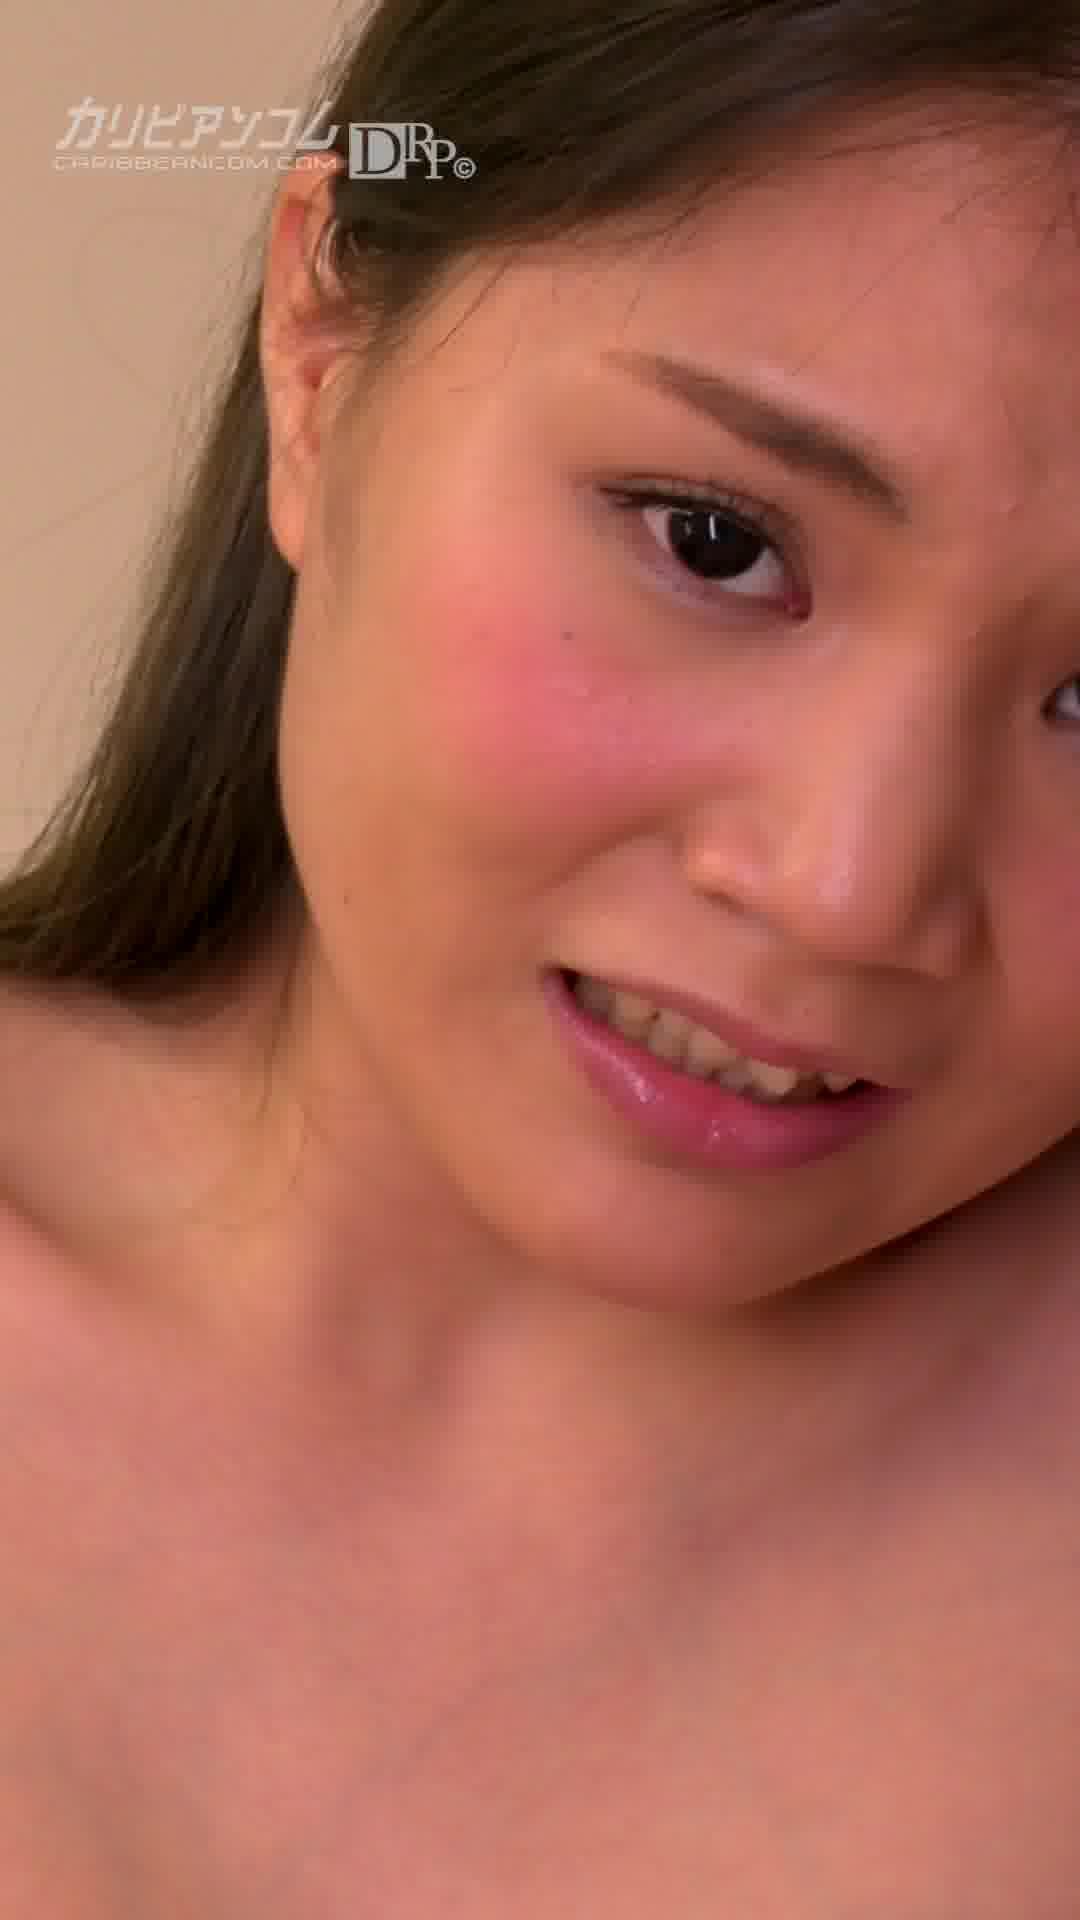 縦型動画 014 ~割れ目に電マをめり込ませるのが好き~ - 水島にな【美乳・オナニー・放尿】